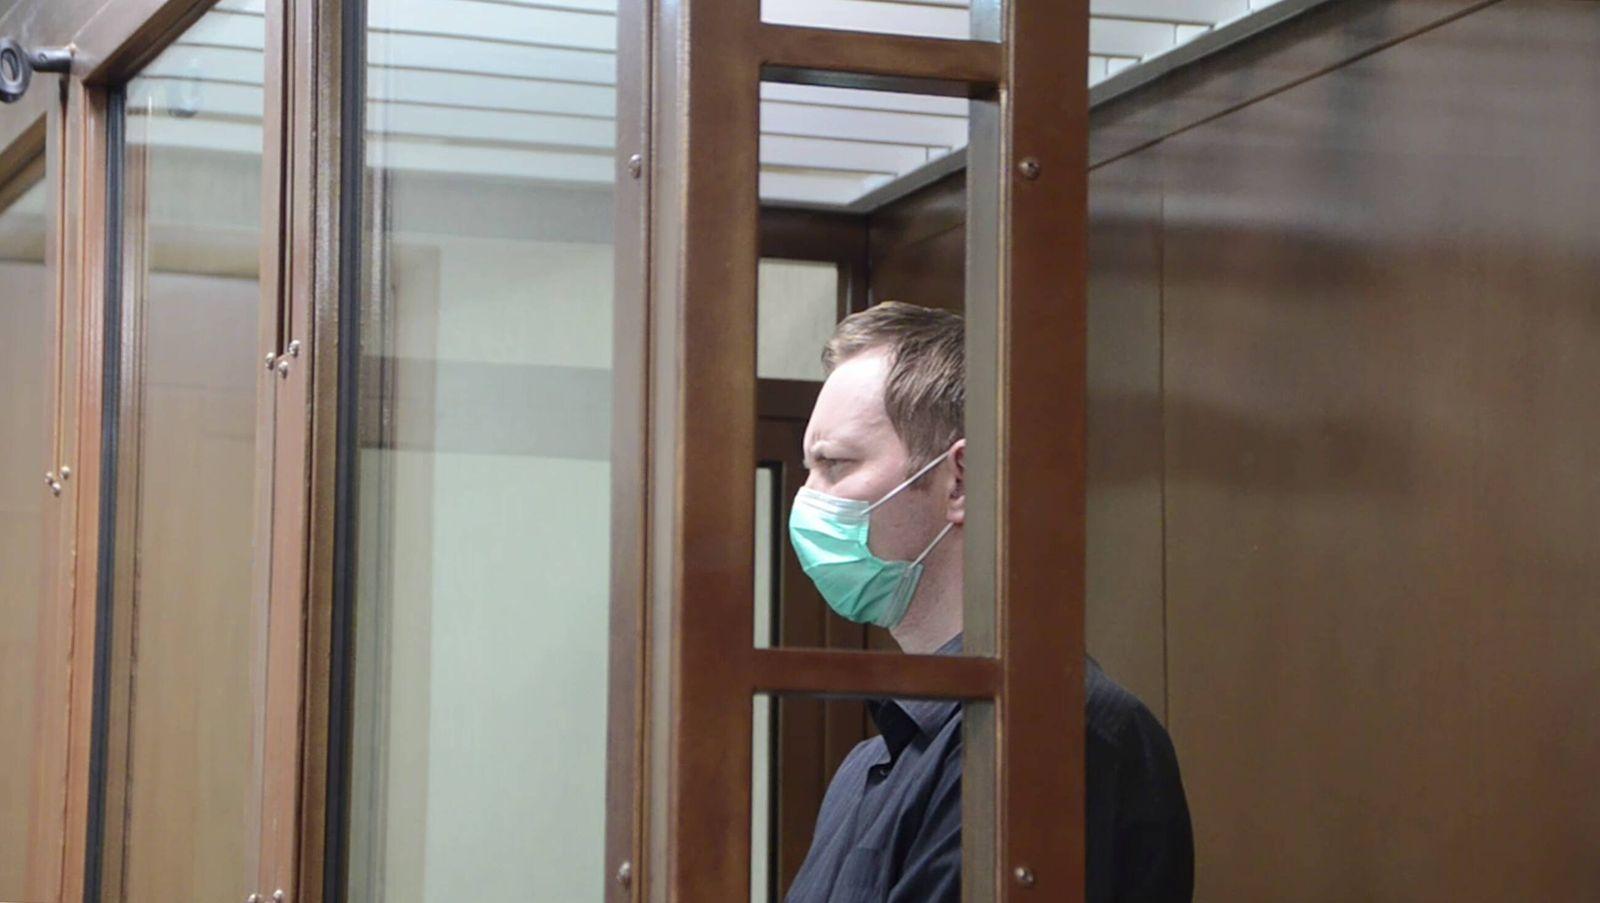 Russland, Juri Jeschtschenko wegen Spionage vor Gericht BRYANSK, RUSSIA - NOVEMBER 20, 2020: Yuri Yeshchenko, detained b